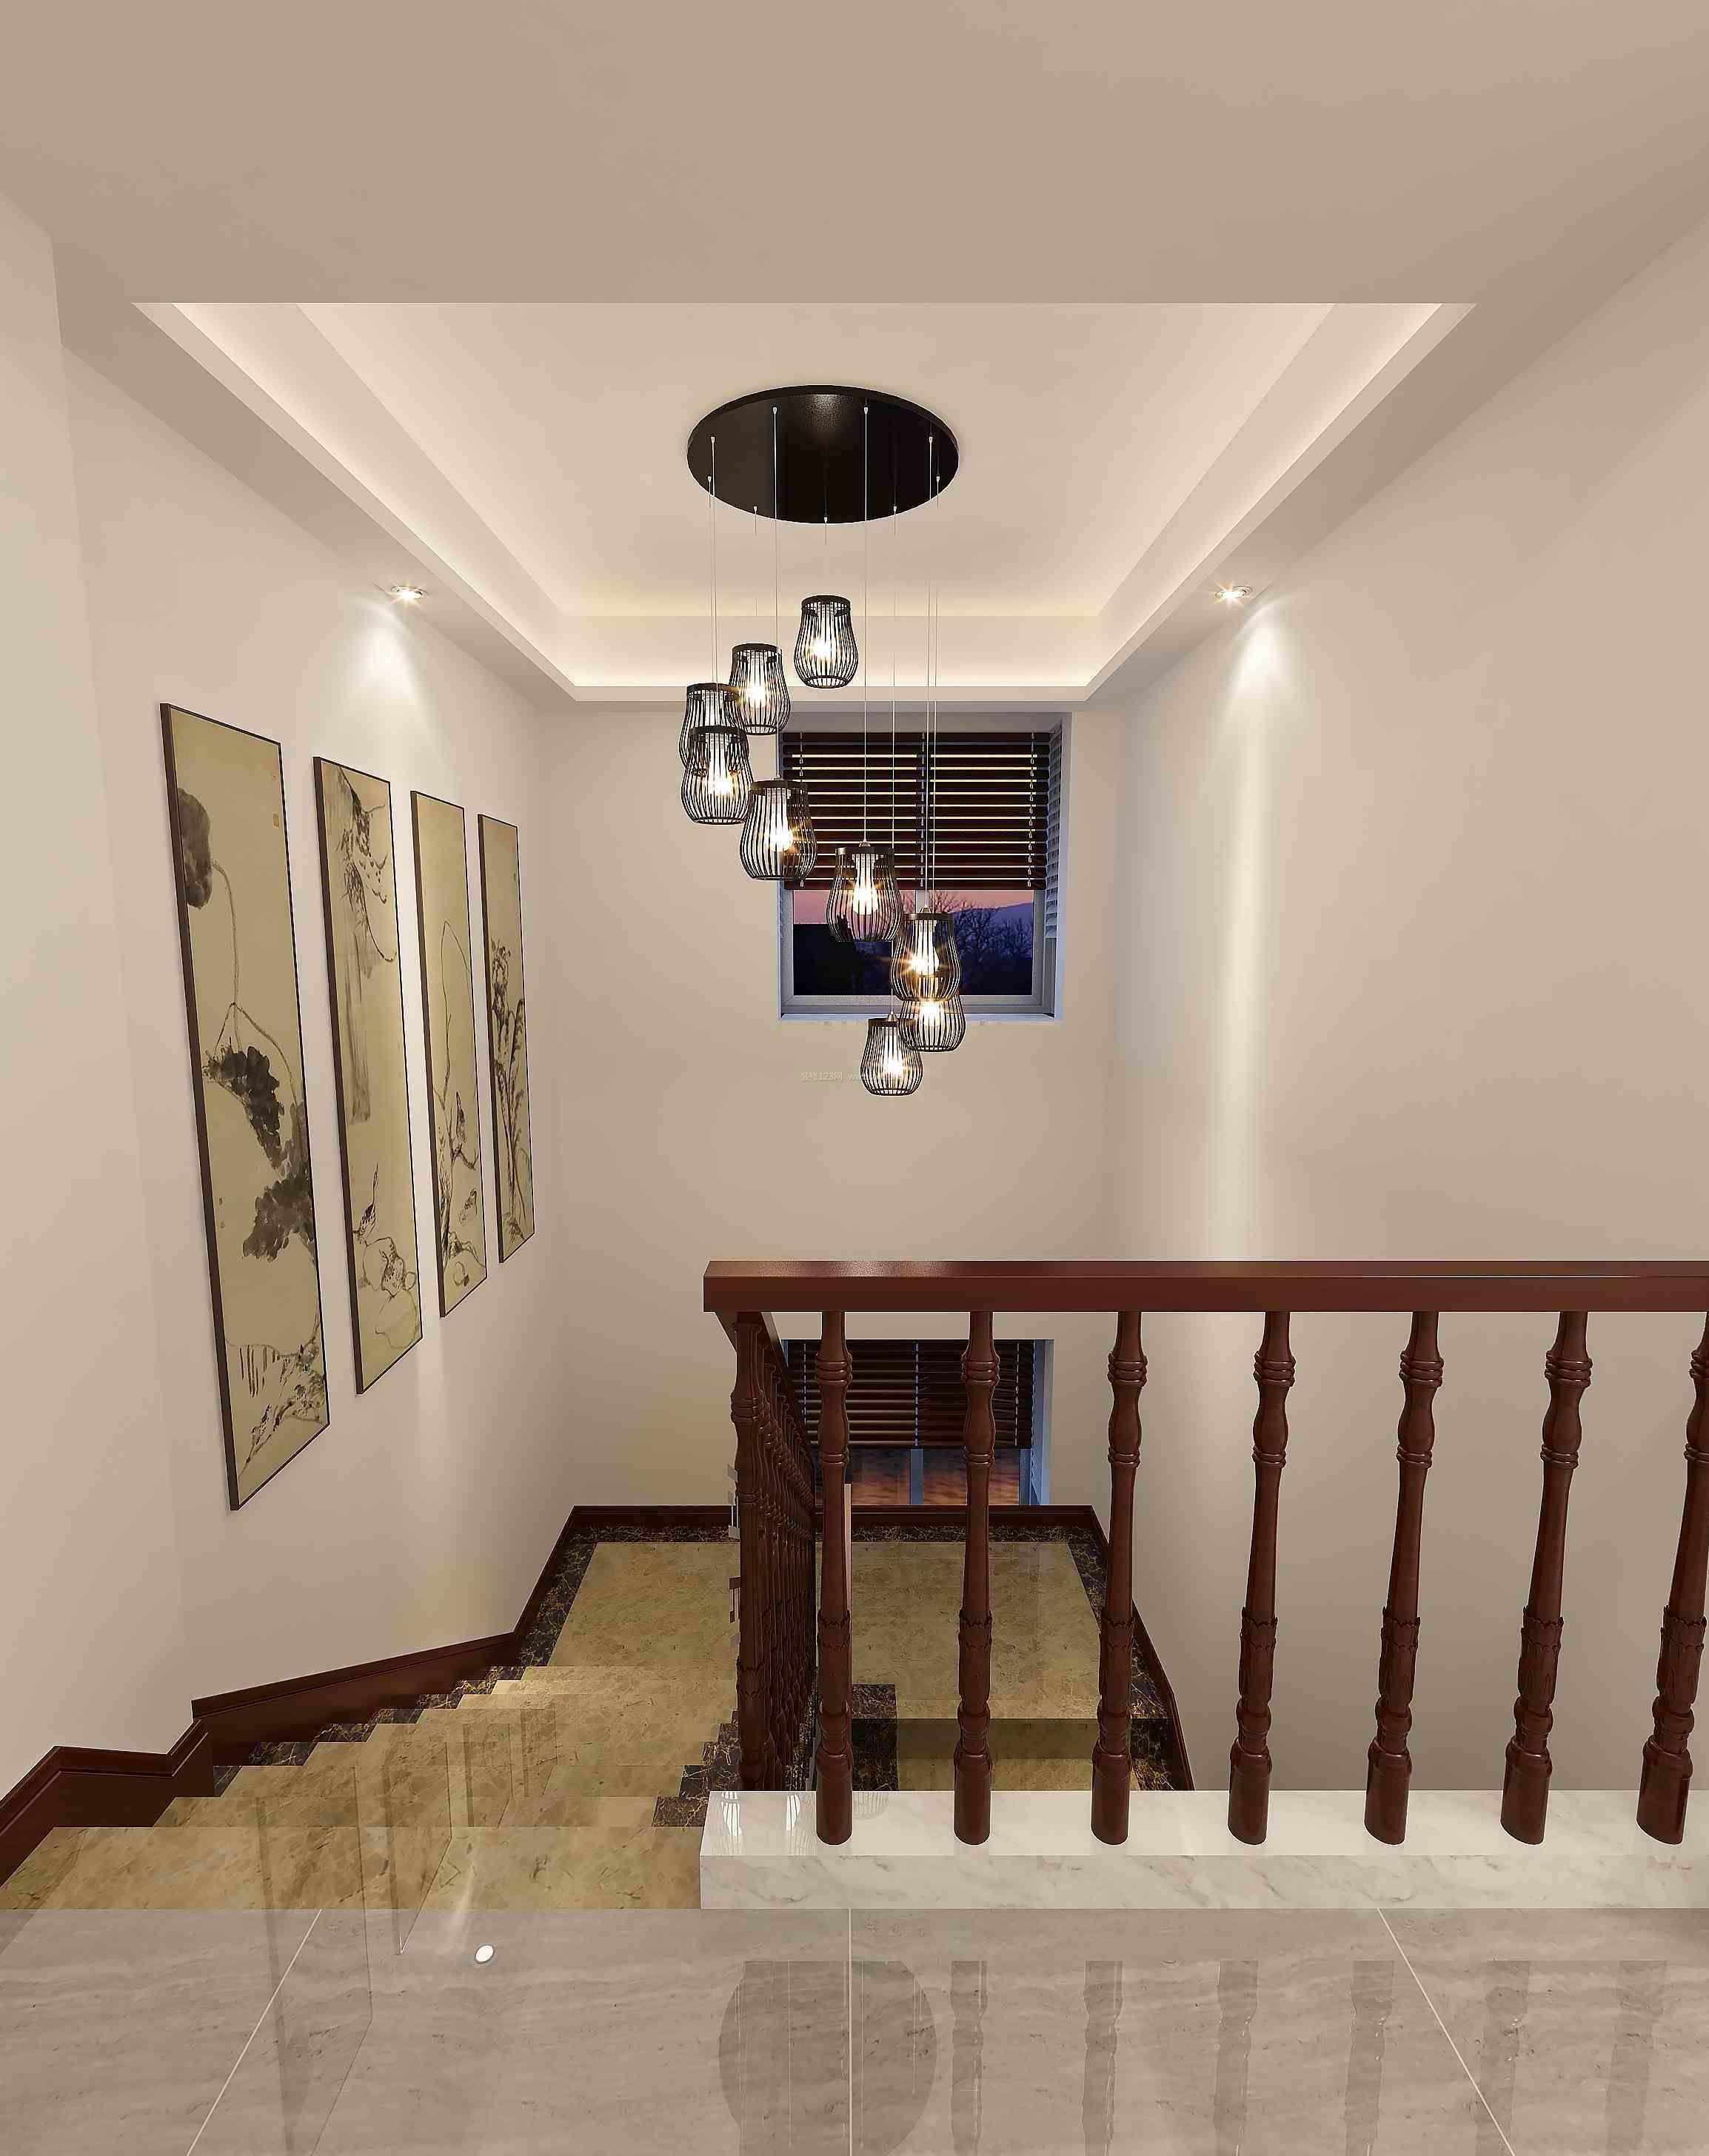 家装效果图 中式 新中式别墅实木楼梯扶手装修效果图 提供者:   ←